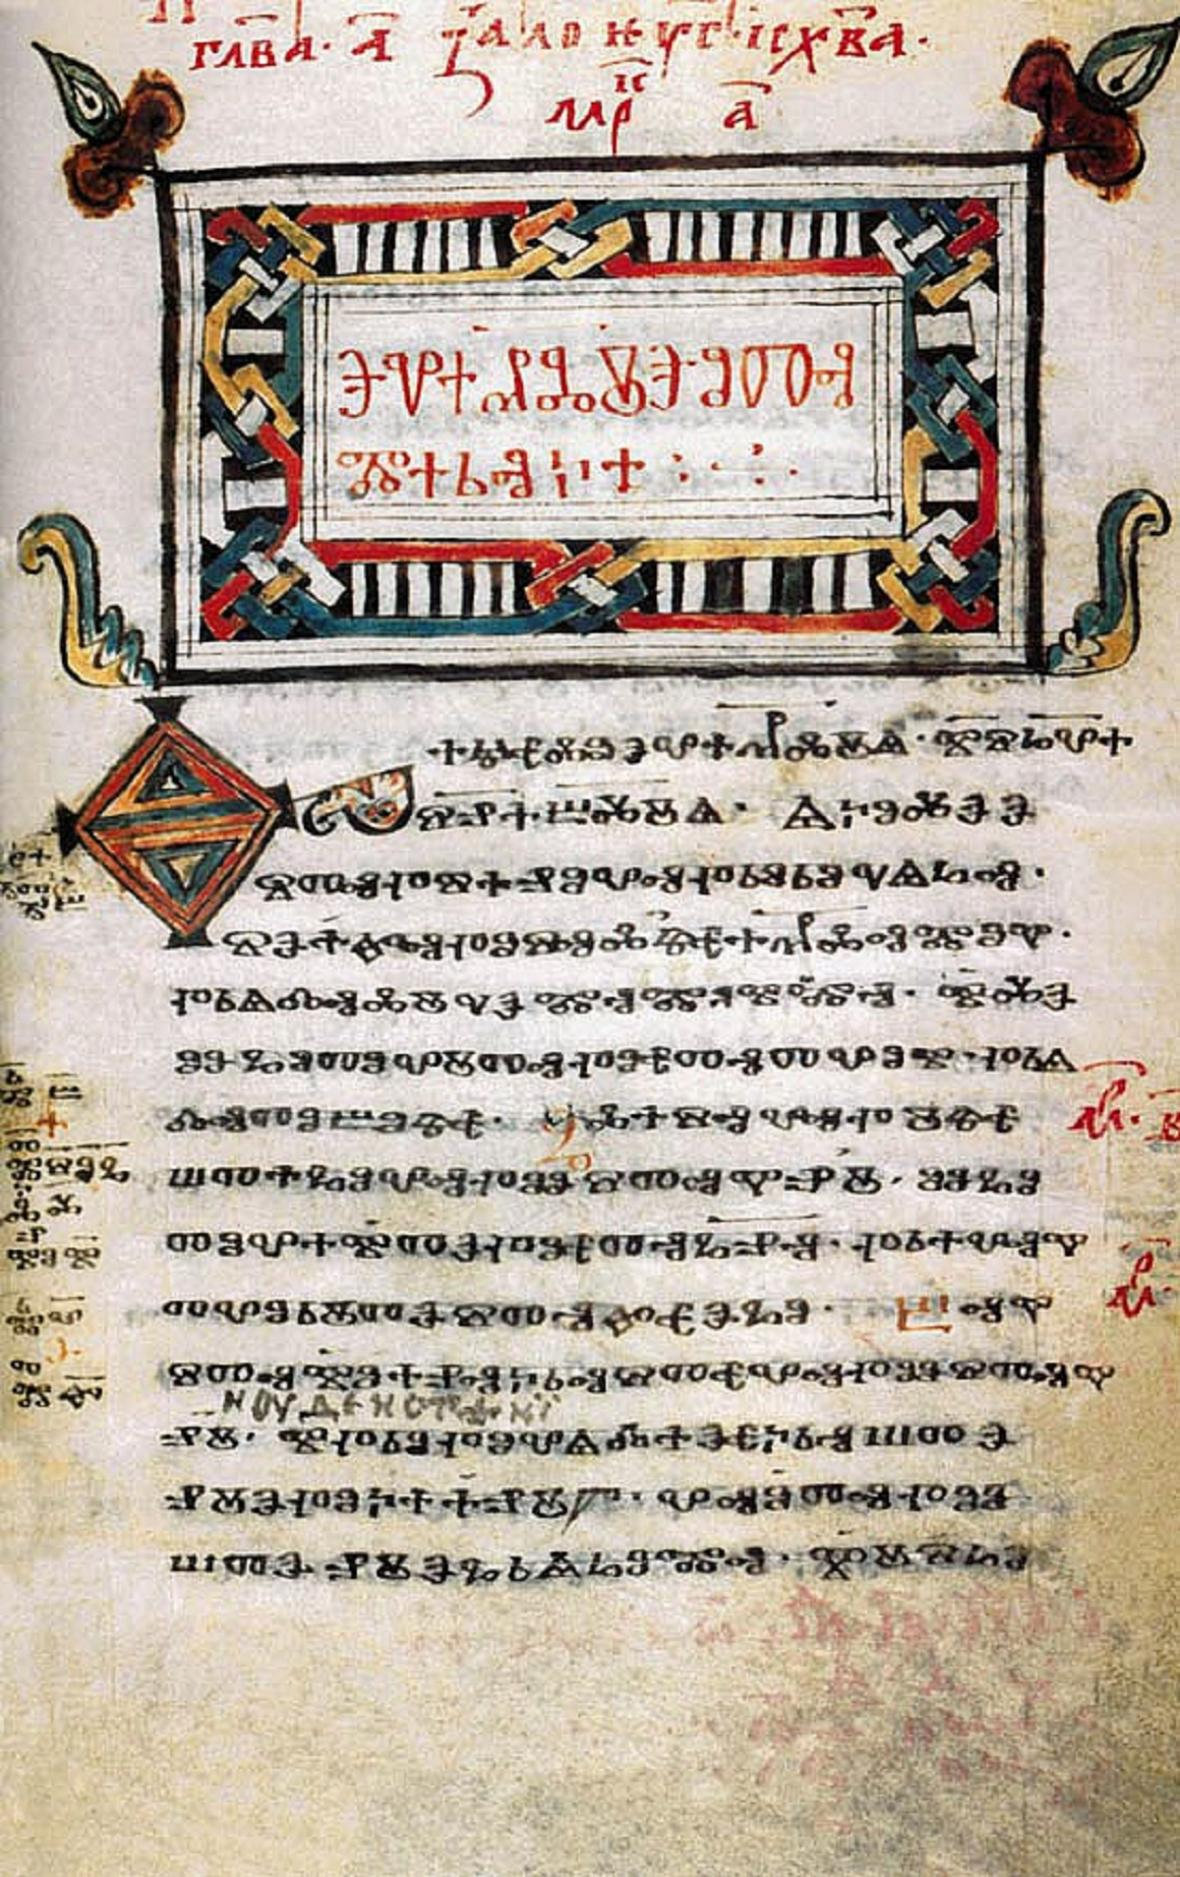 Stránka psaná hlaholicí ze Zografského kodexu, psaného na přelomu 10. a 11. století